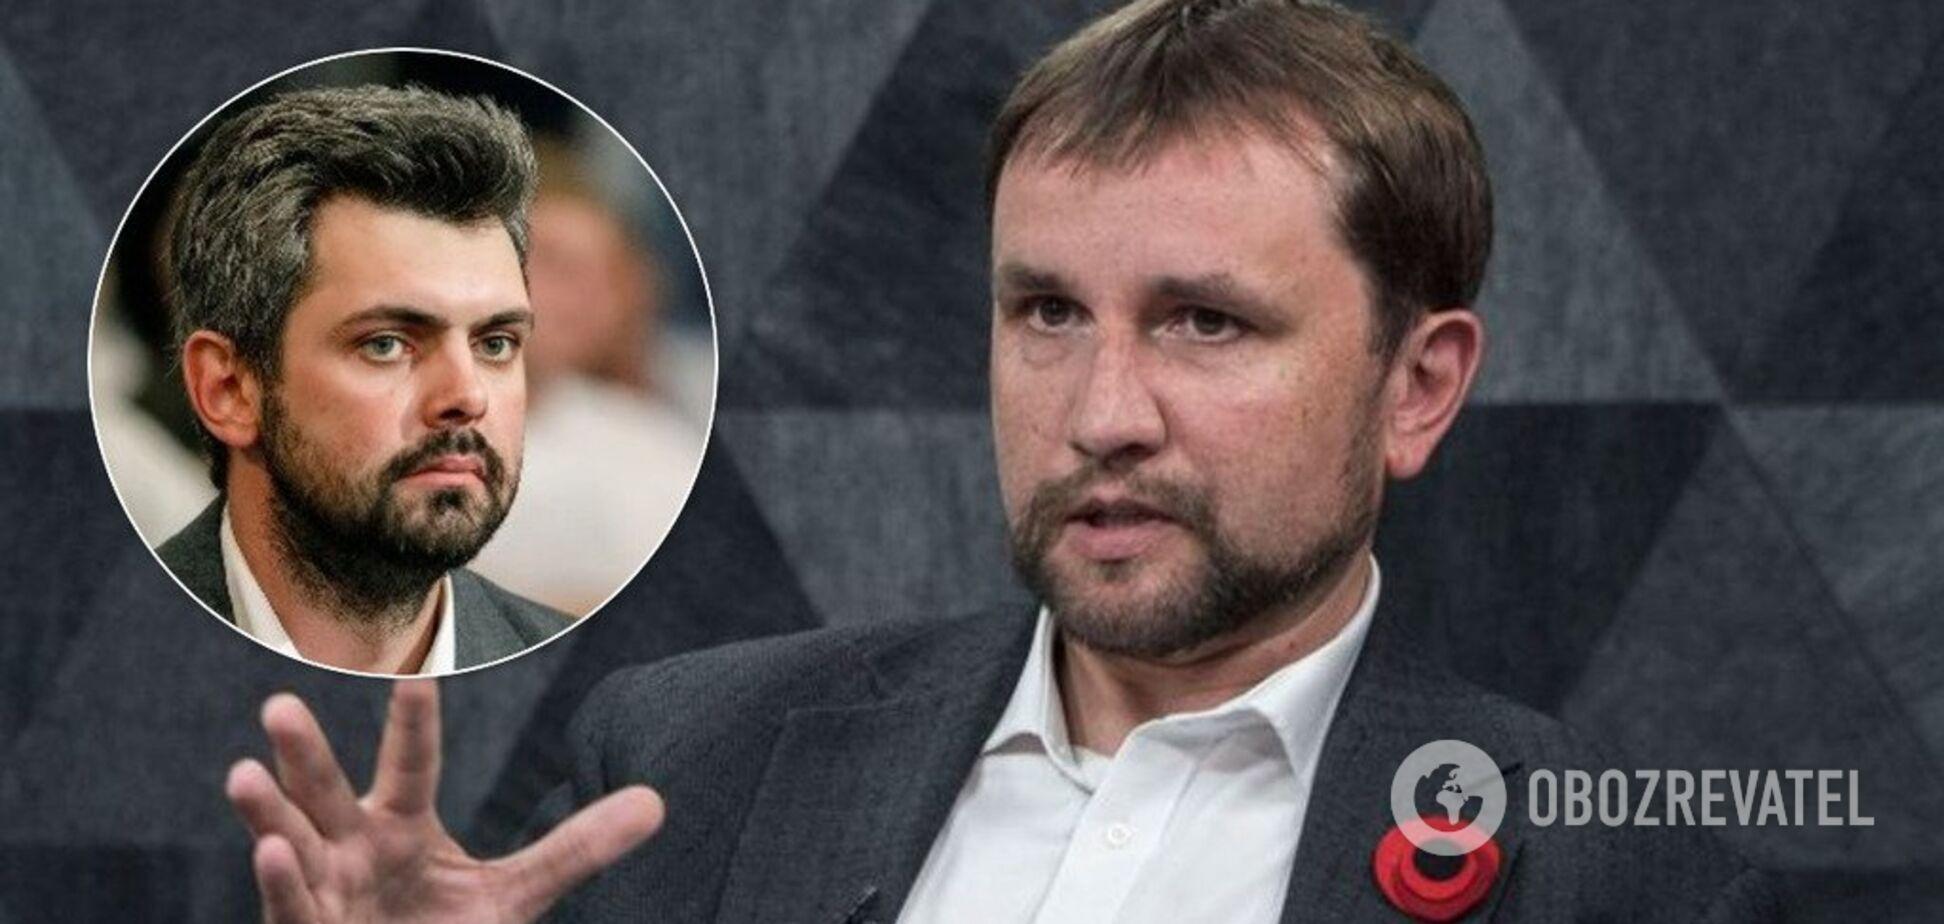 Насолода і задоволення: В'ятрович показав, чим прославився новий глава Інституту нацпам'яті